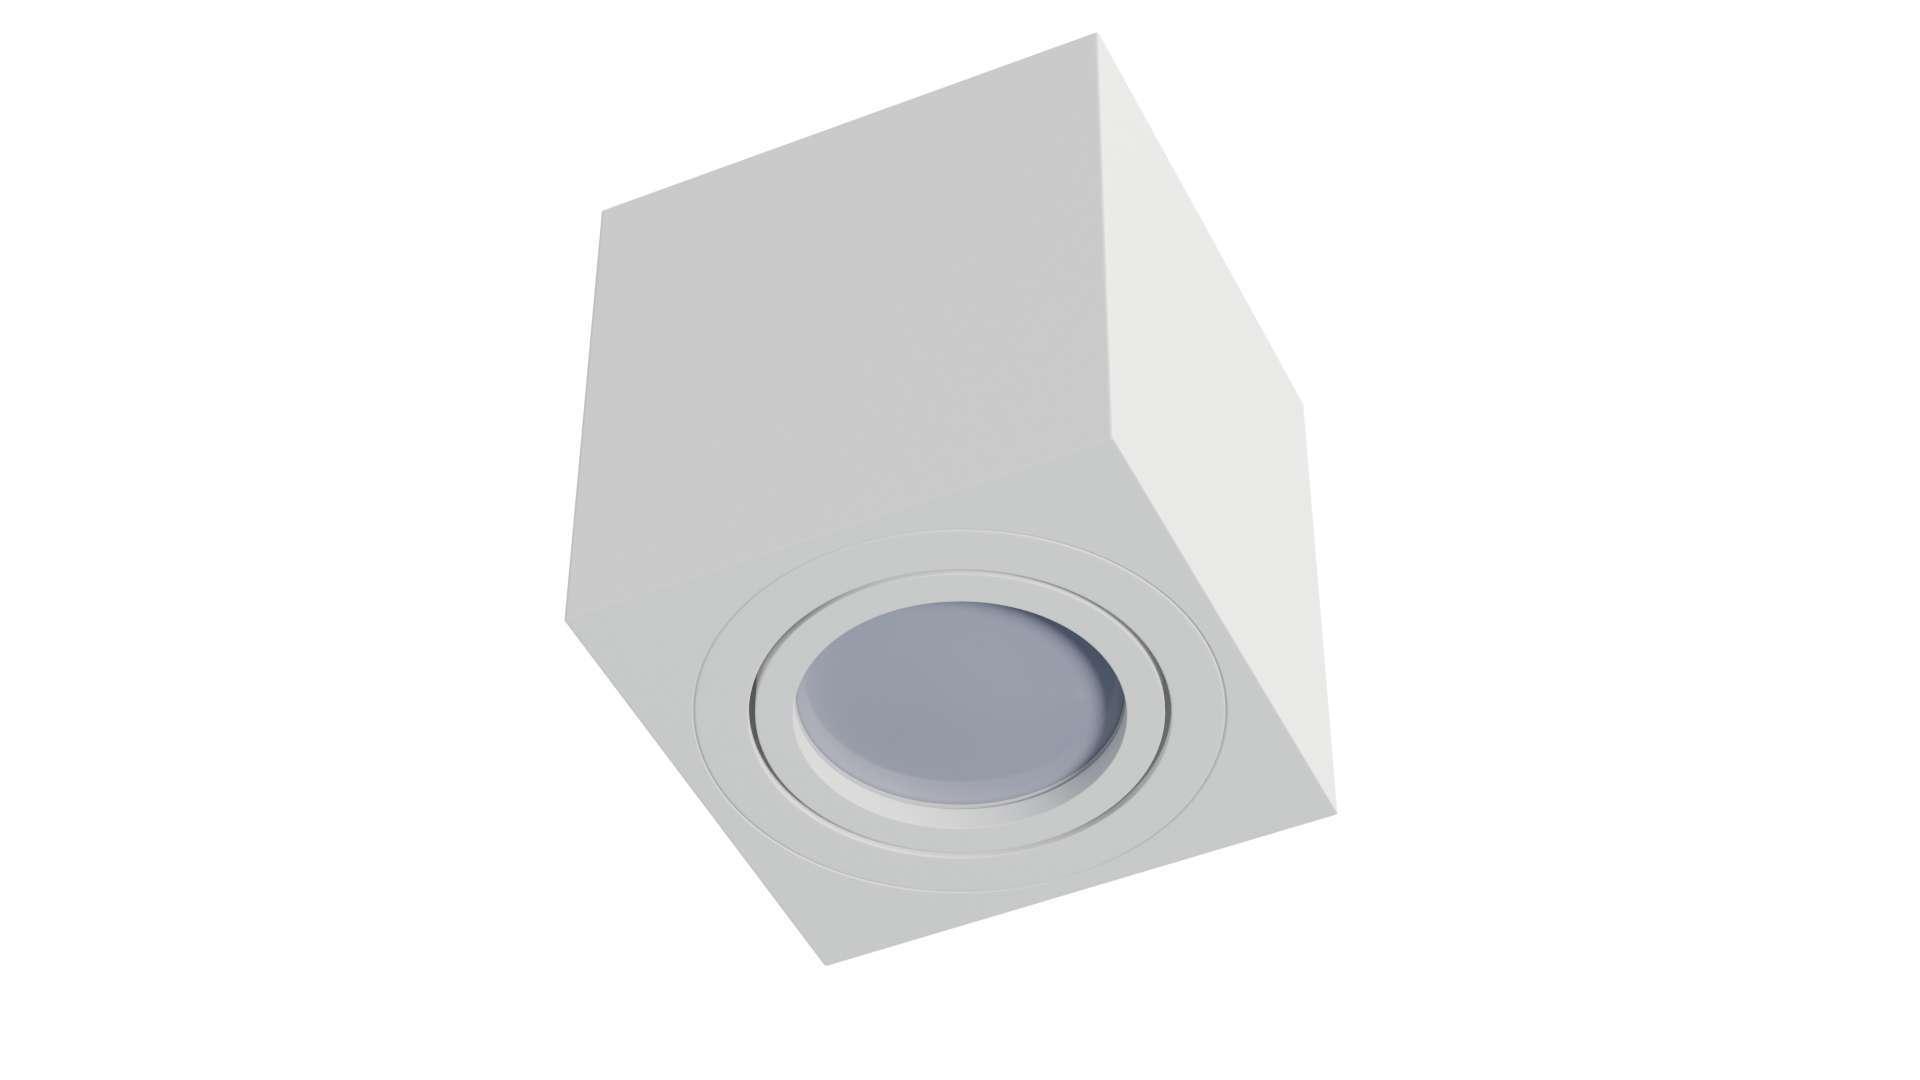 Oprawa natynkowa NORD kwadrat biała